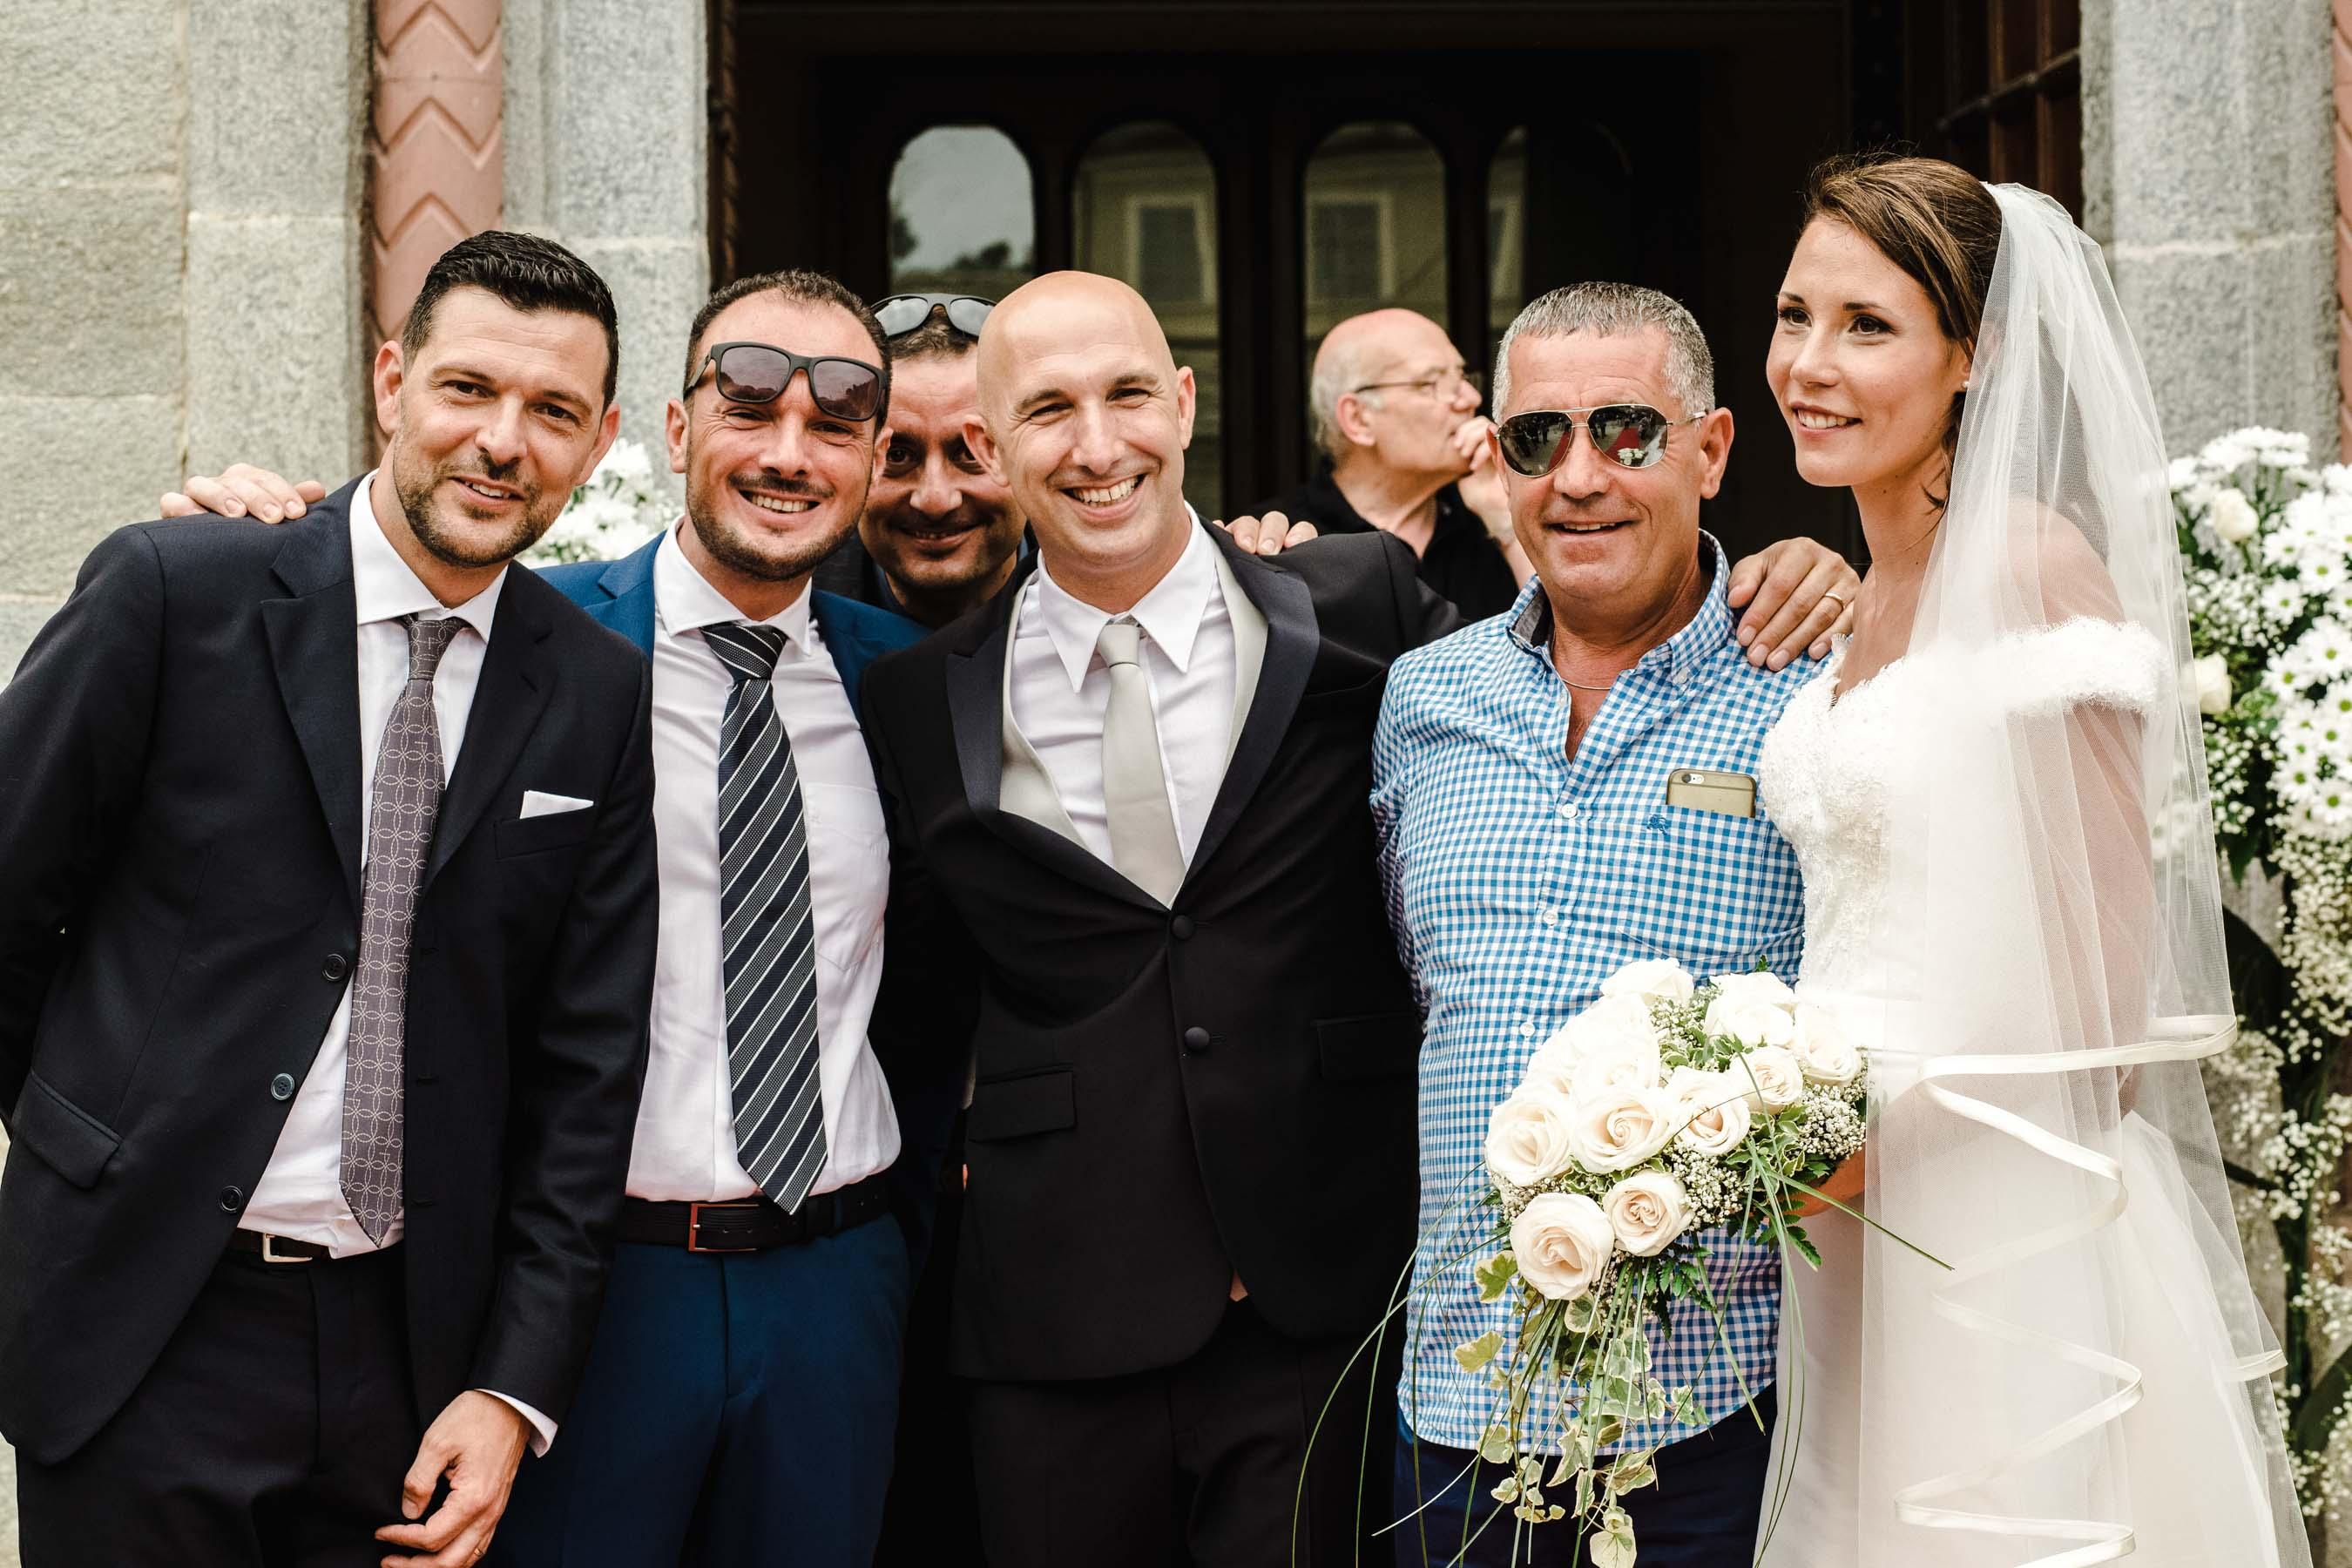 art foto_torino_monica sica photography_la vià _cavour_ fotografo matrimonio_torino-37